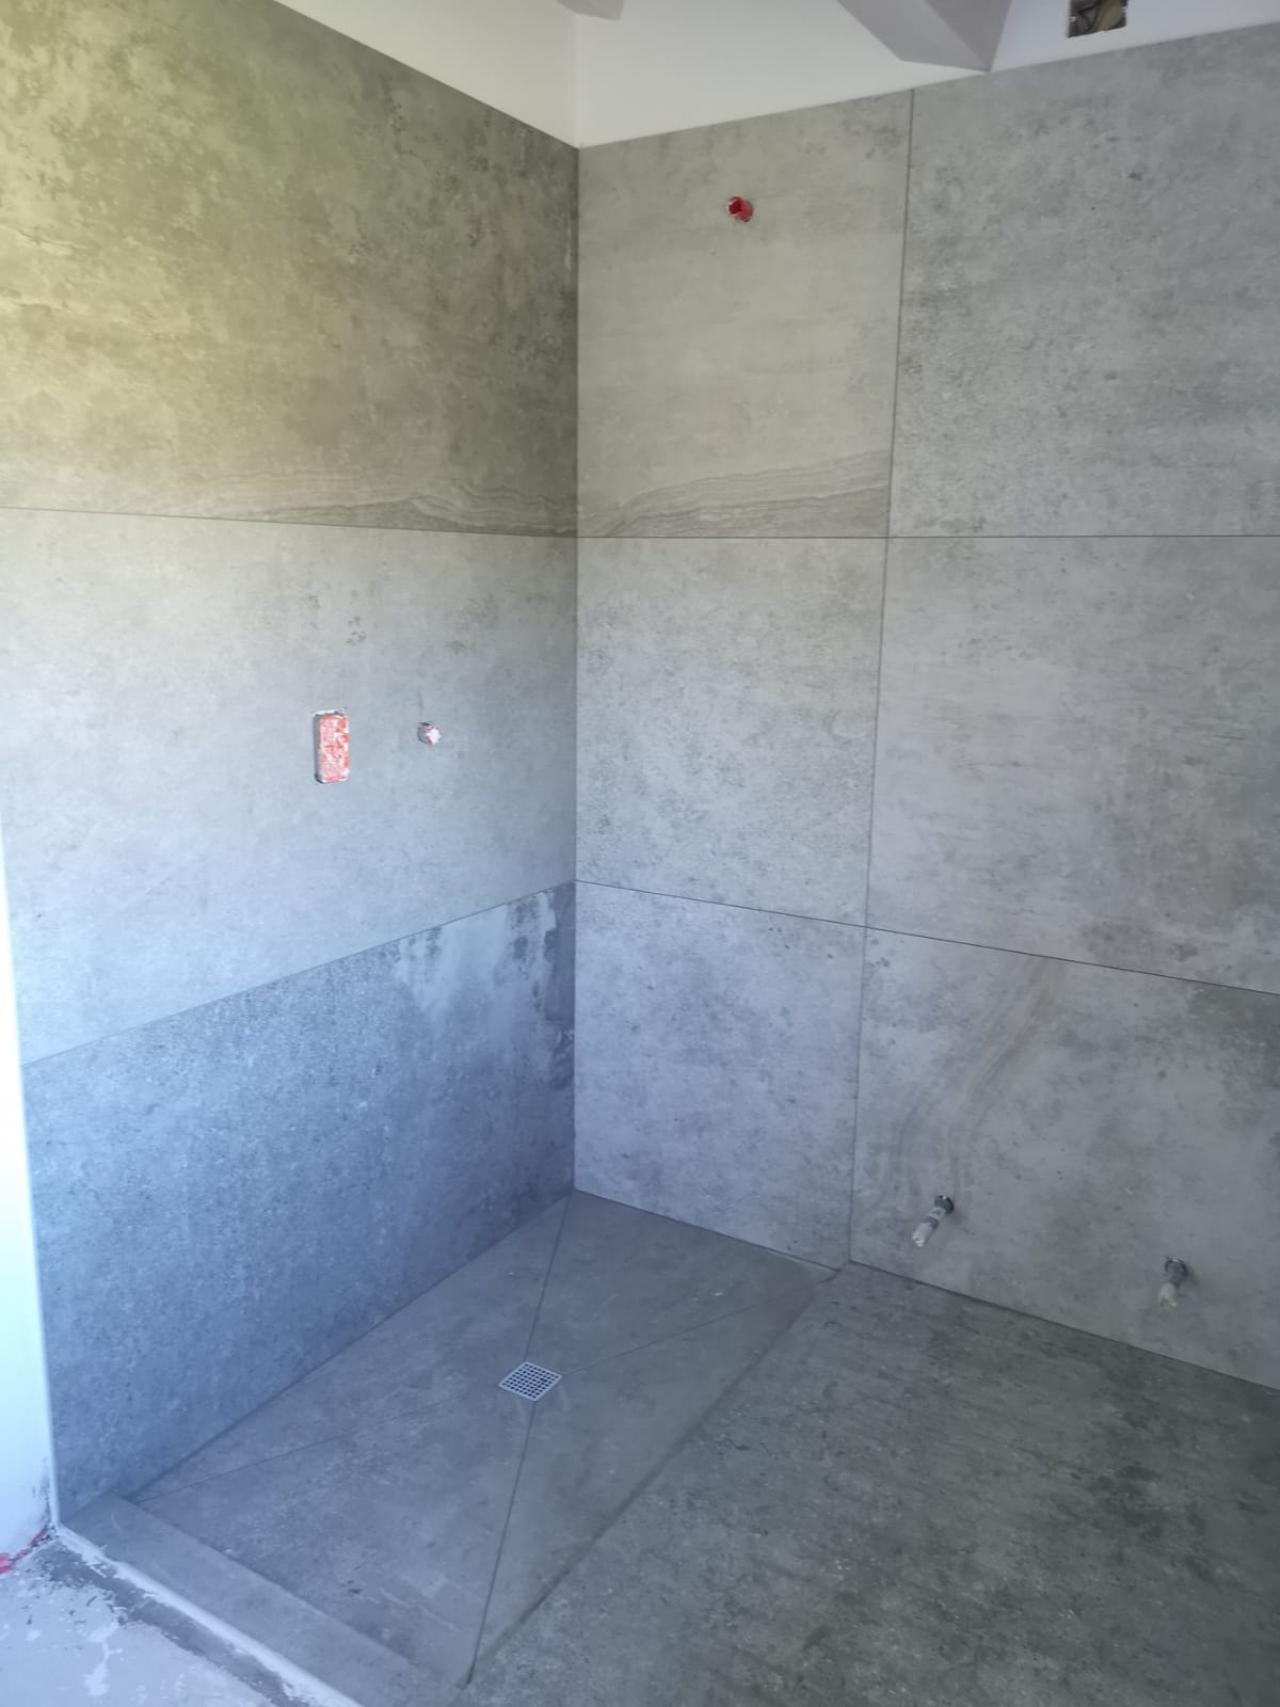 Piatto doccia in piastrelle come realizzarlo fratelli pellizzari - Impermeabilizzare fughe piastrelle doccia ...